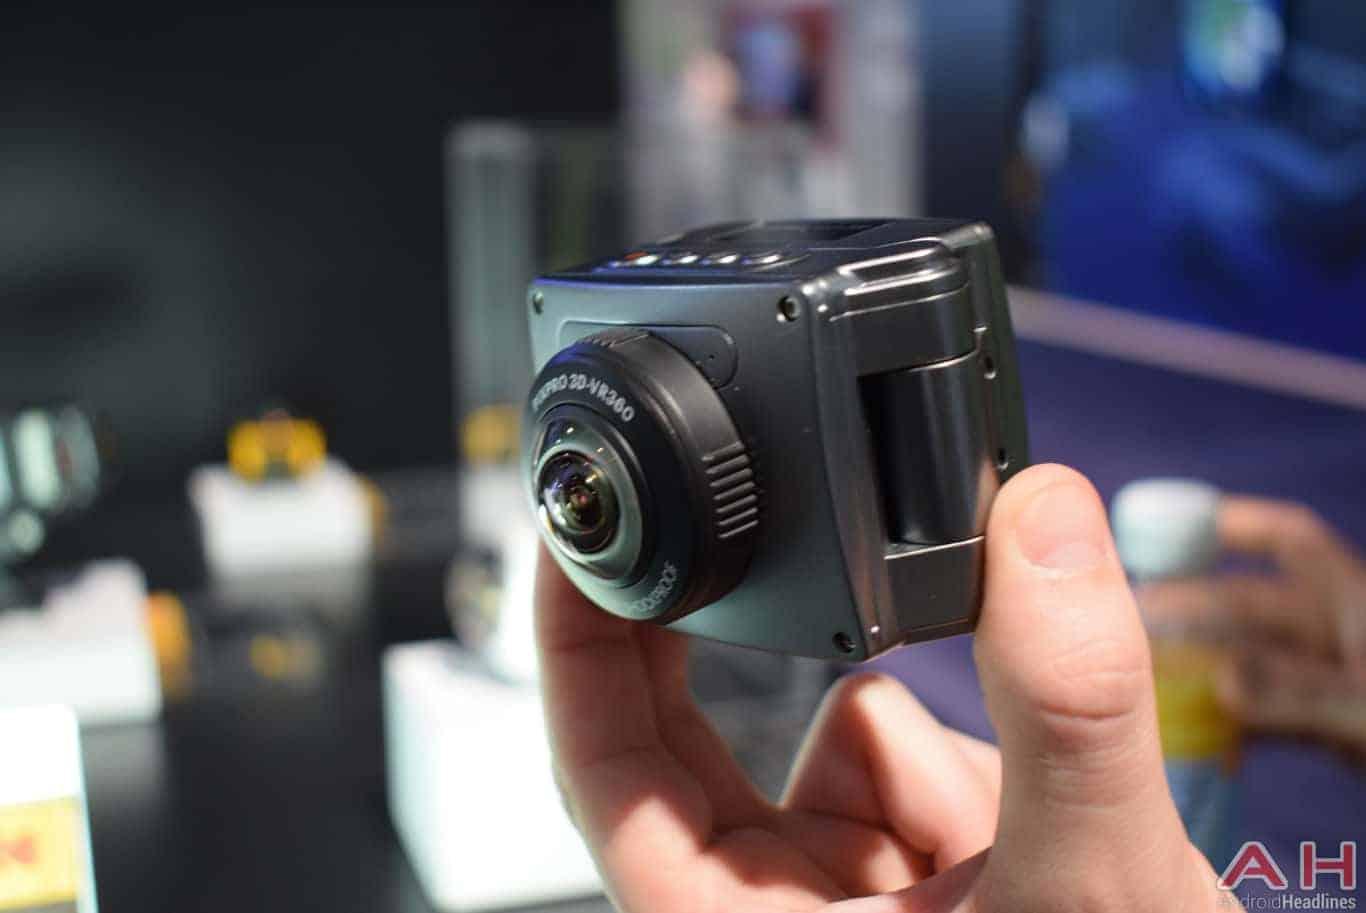 kodak PIXPRO 3D 360 VR Camera CES 2018 AH 6